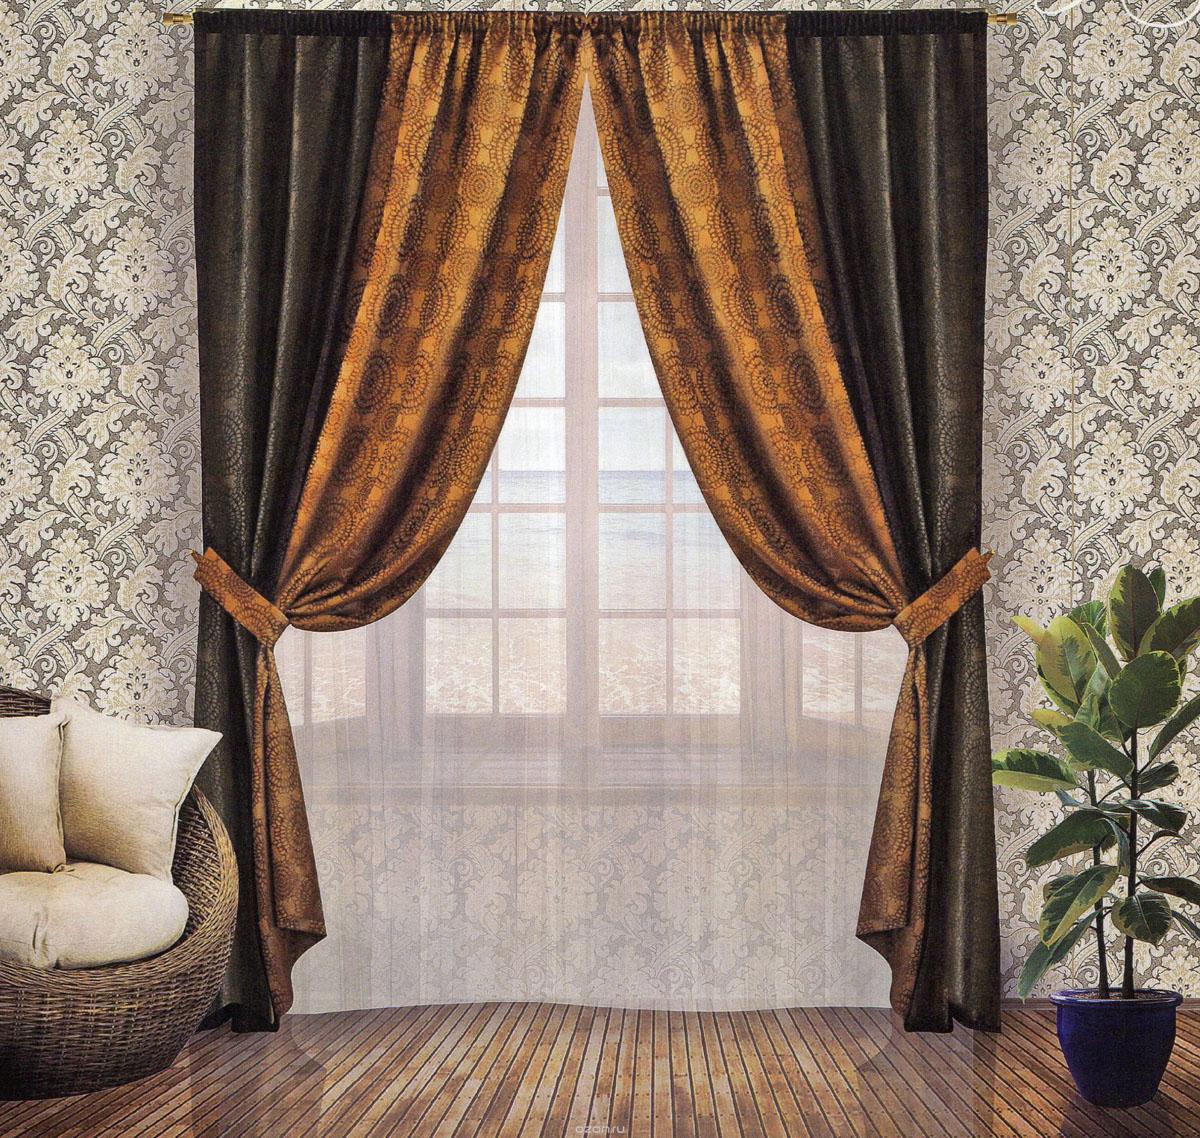 Комплект штор Zlata Korunka, на ленте, цвет: шоколадный, венге, высота 250 см. 5554155541Роскошный комплект штор Zlata Korunka, выполненный из сатина и жаккарда (100% полиэстера), великолепно украсит любое окно. Комплект состоит из двух портьер и двух подхватов. Плотная ткань, оригинальный орнамент и приятная, приглушенная гамма привлекут к себе внимание и органично впишутся в интерьер помещения. Комплект крепится на карниз при помощи шторной ленты, которая поможет красиво и равномерно задрапировать верх. Портьеры можно зафиксировать в одном положении с помощью двух подхватов. Этот комплект будет долгое время радовать вас и вашу семью! В комплект входит: Портьера: 2 шт. Размер (ШхВ): 170 см х 250 см. Подхват: 2 шт. Размер (ШхВ): 60 см х 10 см.